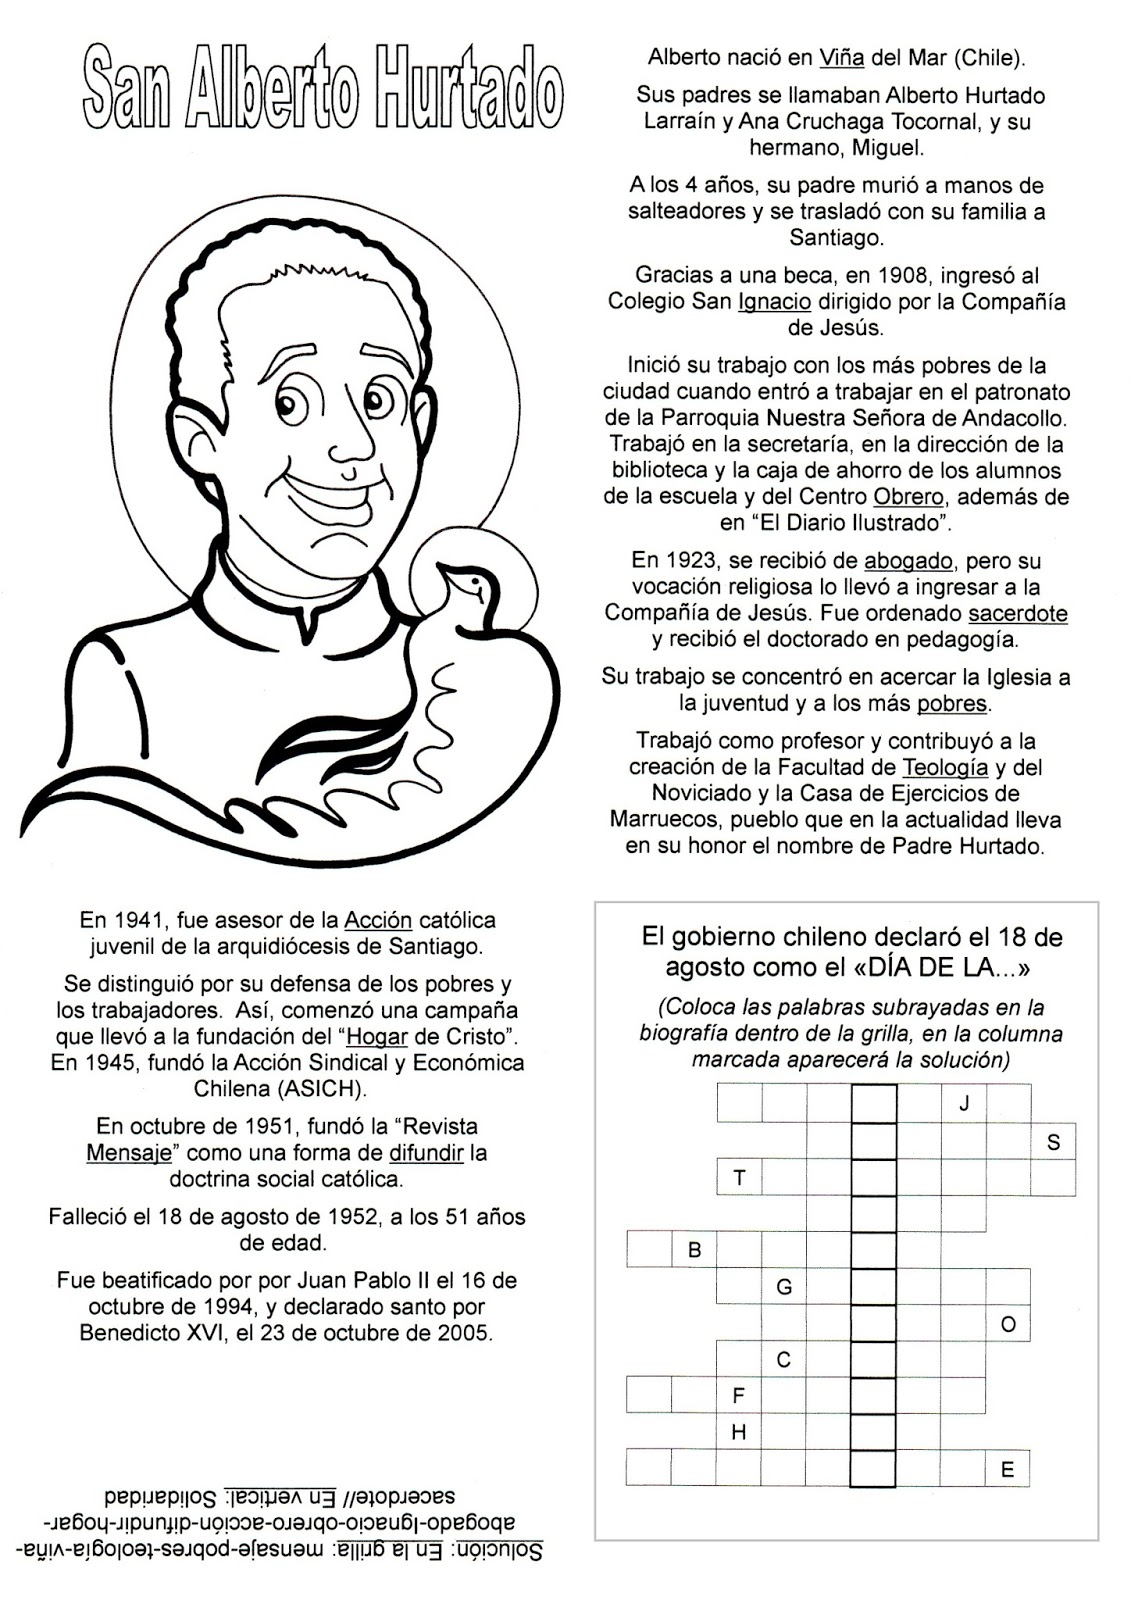 El Rincón de las Melli: San Alberto Hurtado (historia con juego)